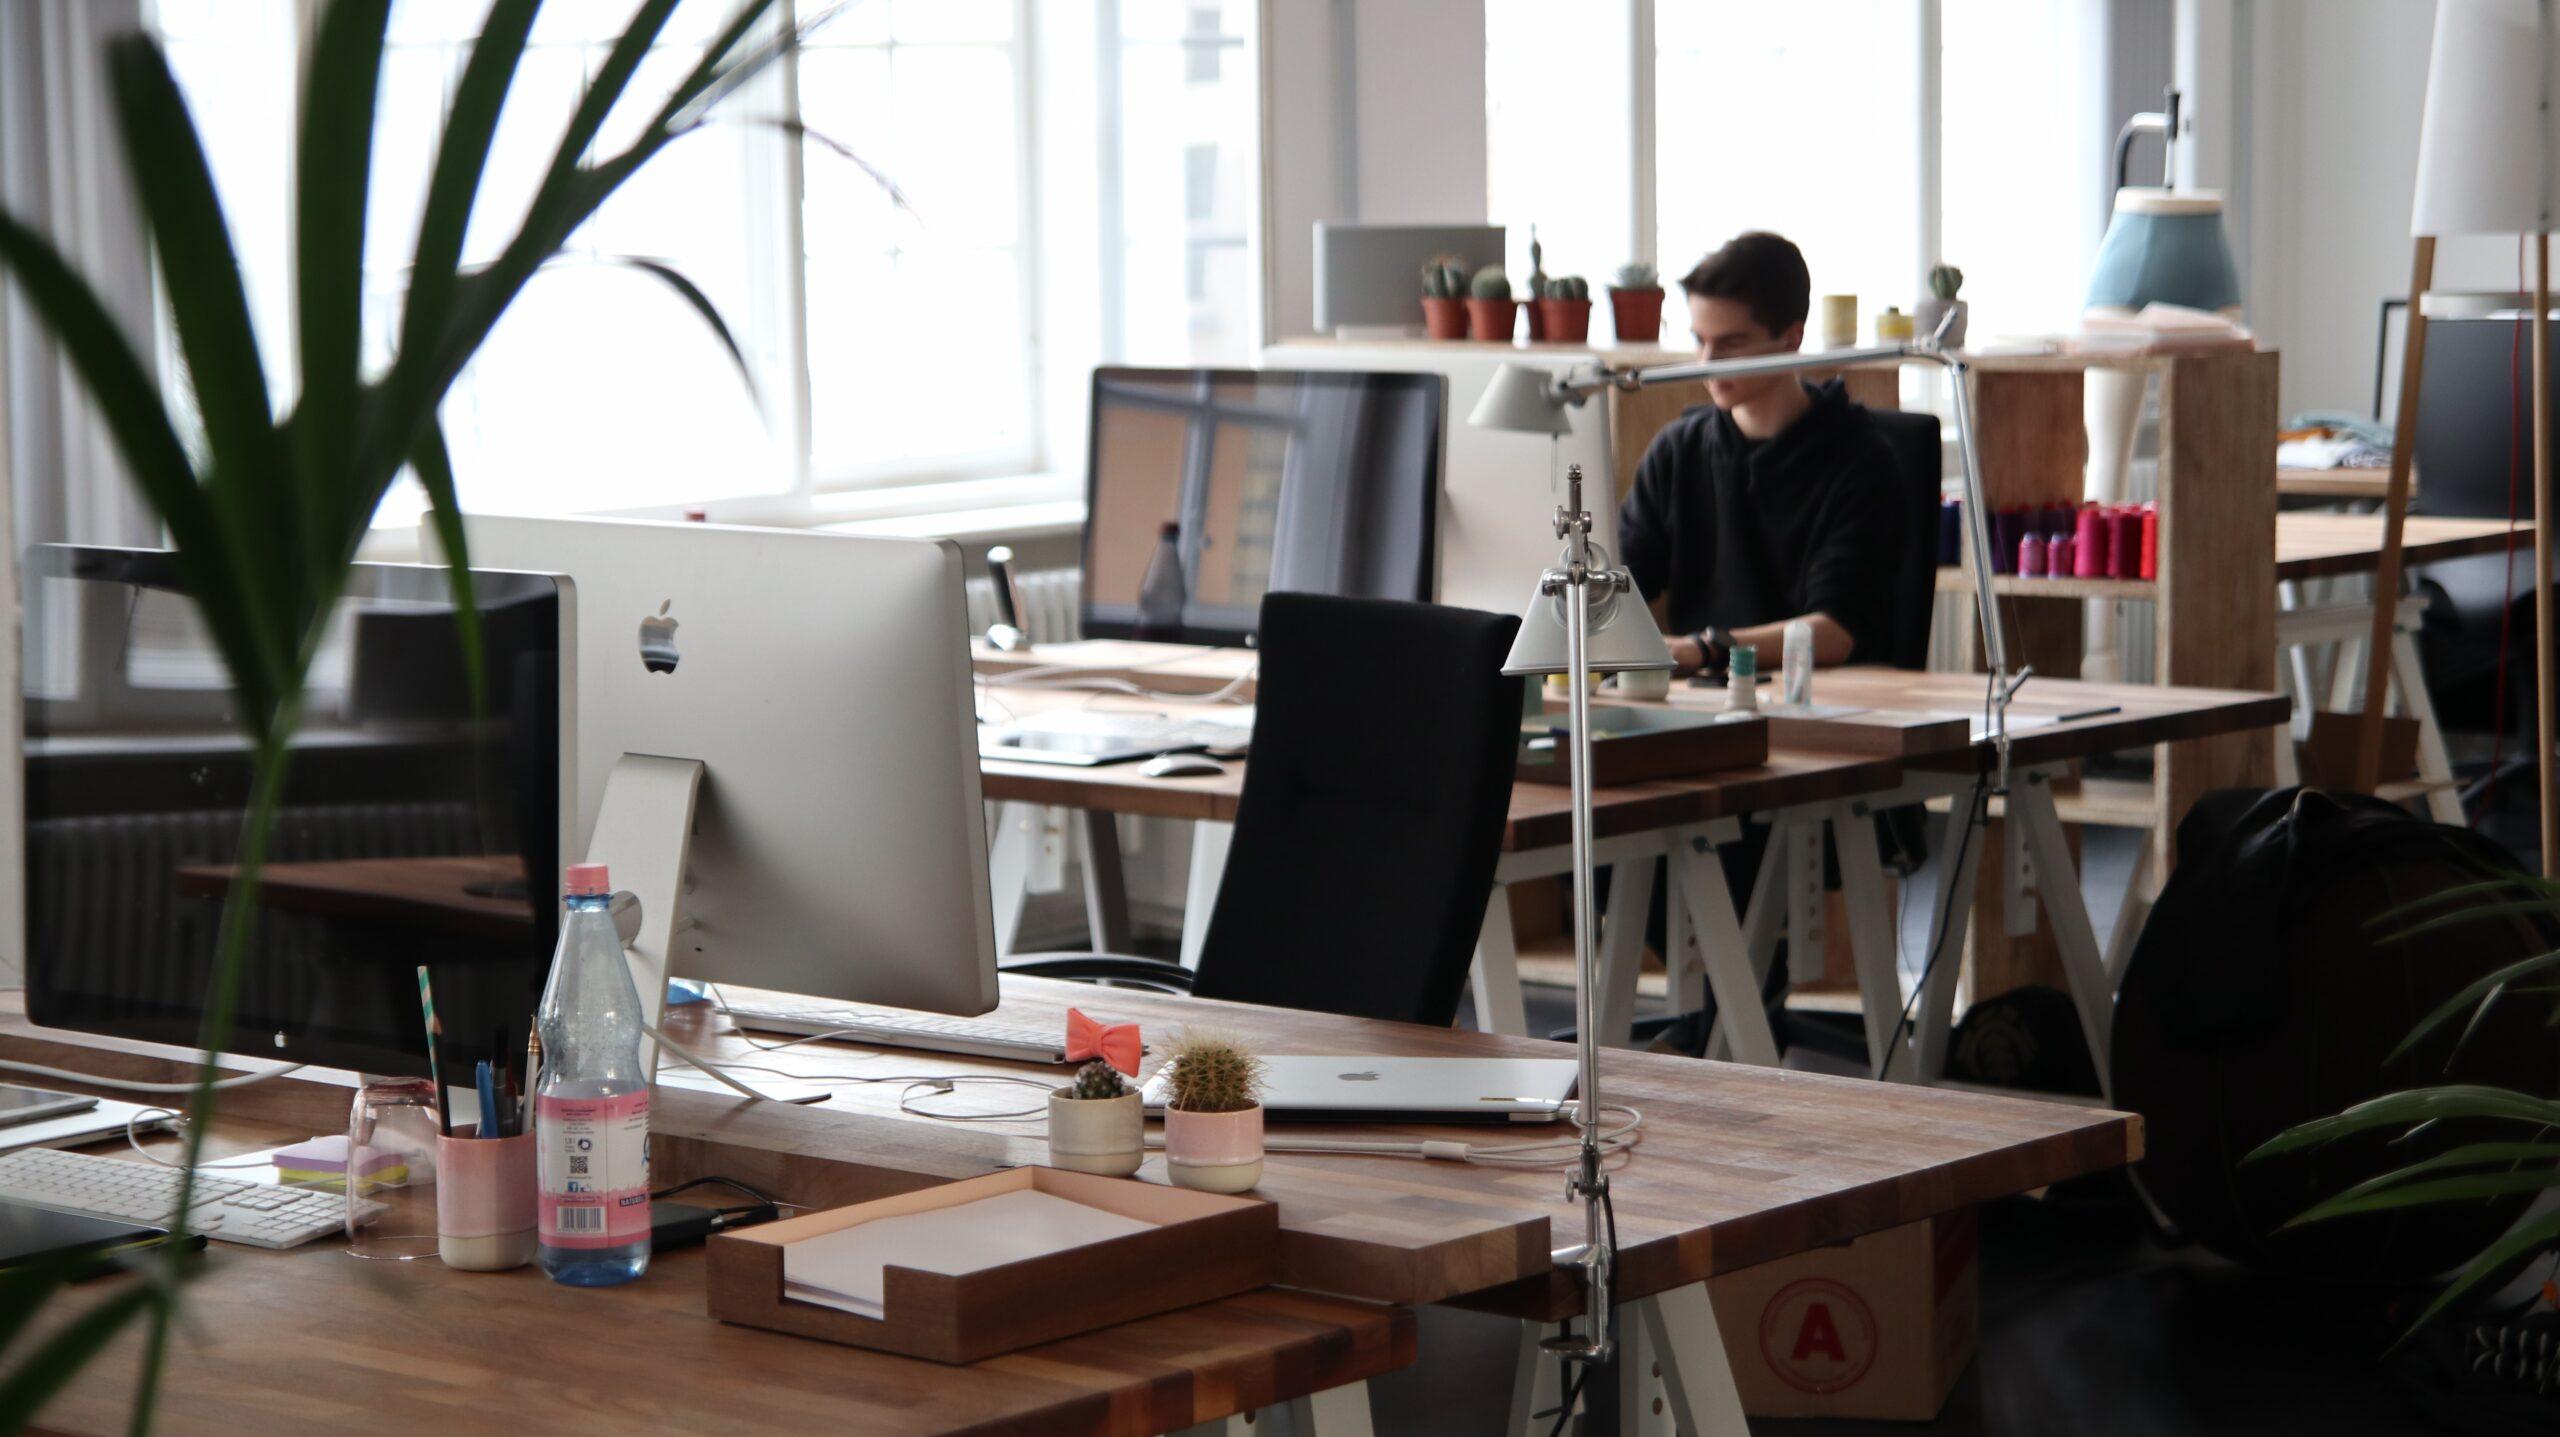 Canvis en l'estratègia comunicativa que et poden portar a l'èxit